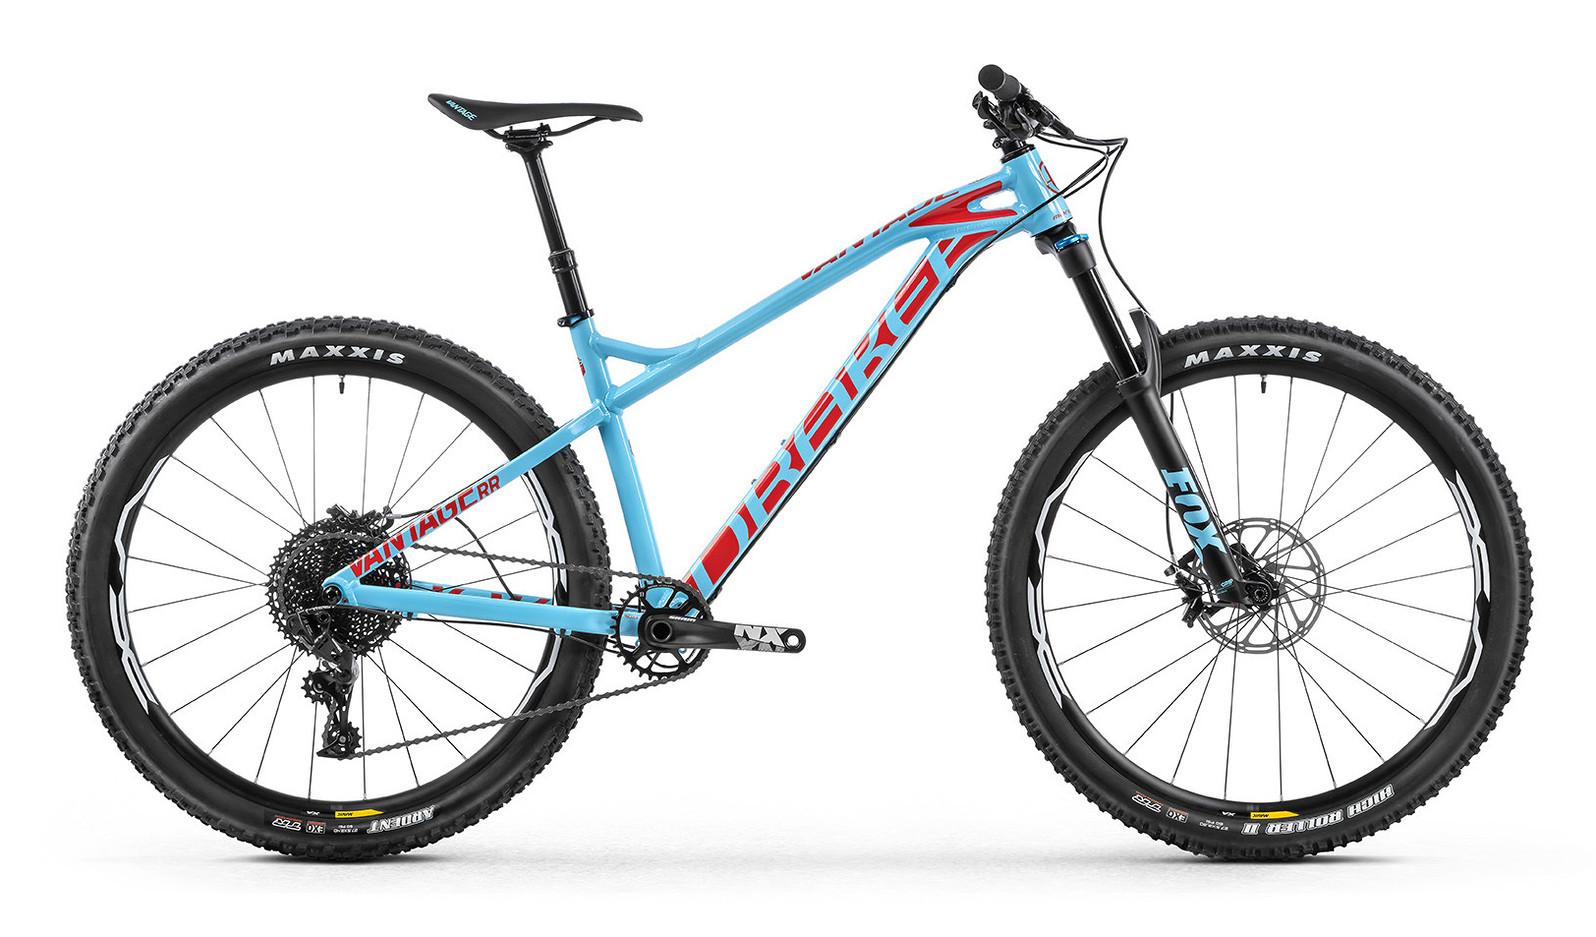 2018 Mondraker Vantage RR Bike - Reviews, Comparisons, Specs